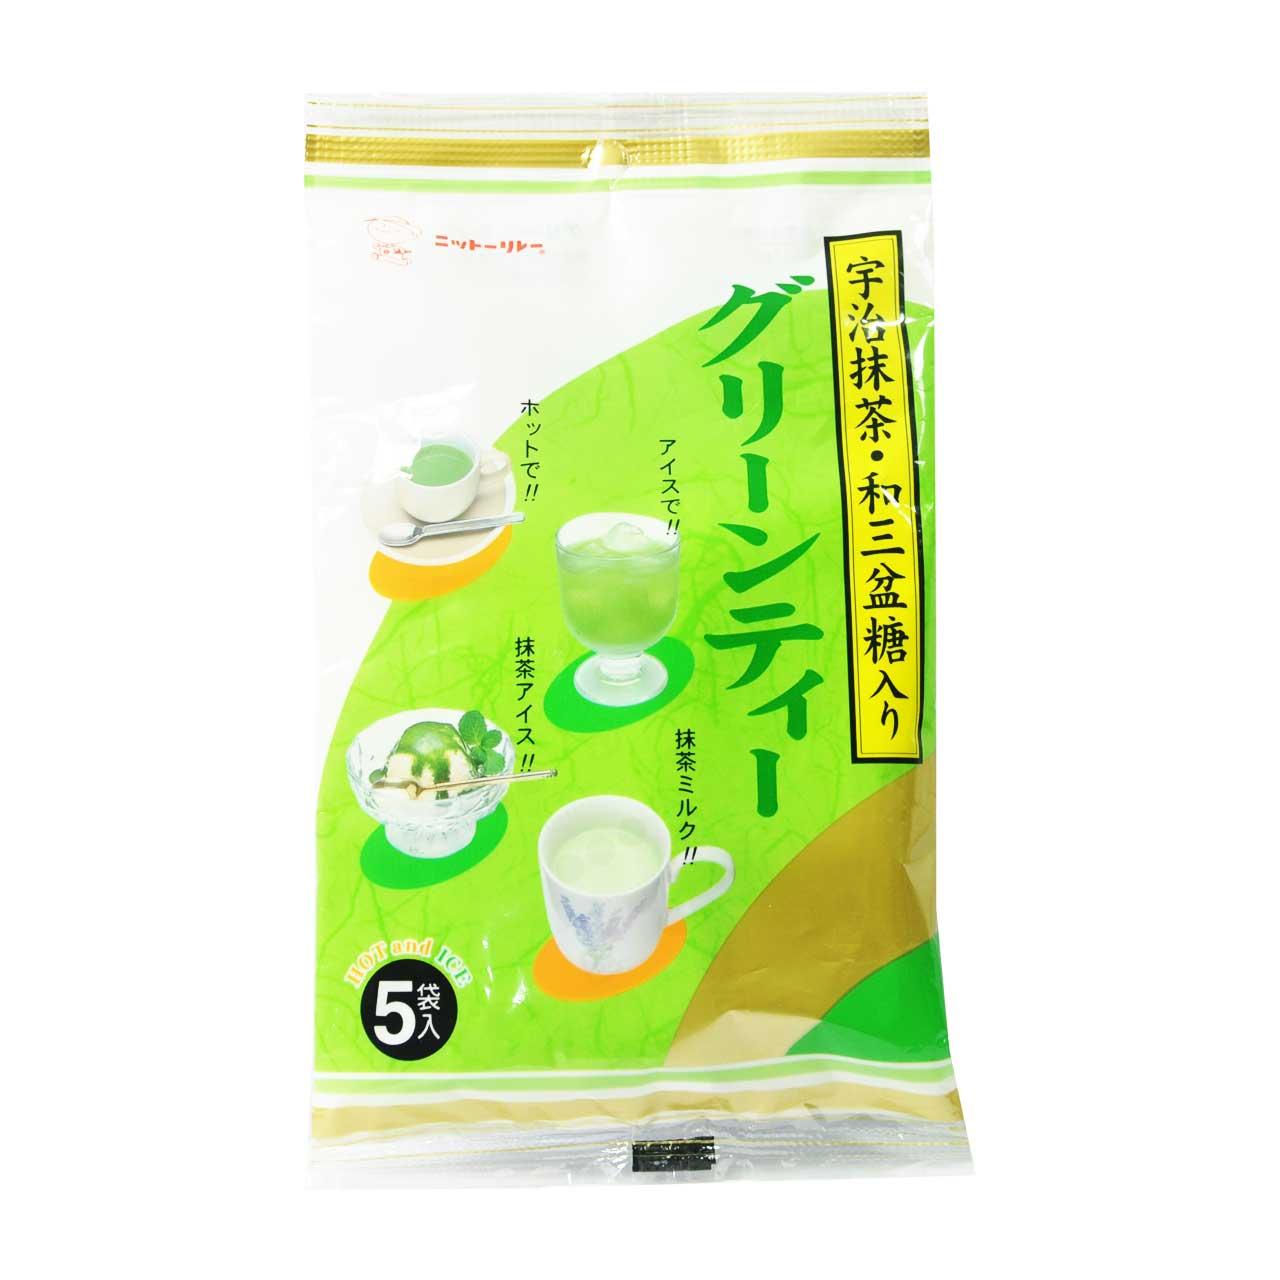 چای ماچا لاته سرد و گرم ژاپنی ۵ عددی – matcha au lait